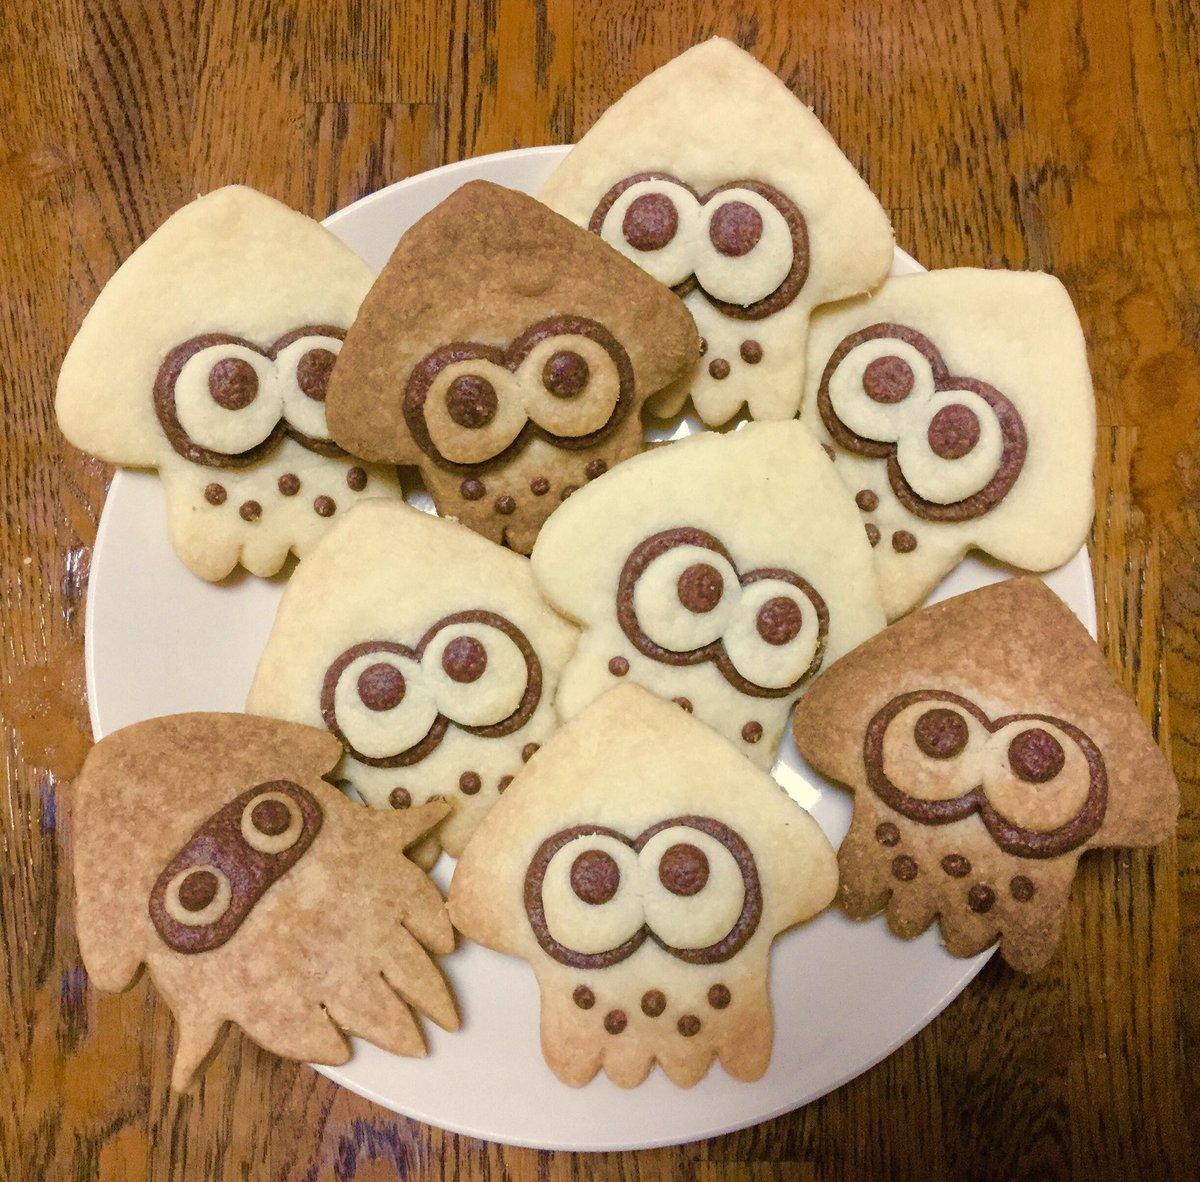 スプラトゥーンのクッキーをつくりました イカちゃんがたくさん…!?